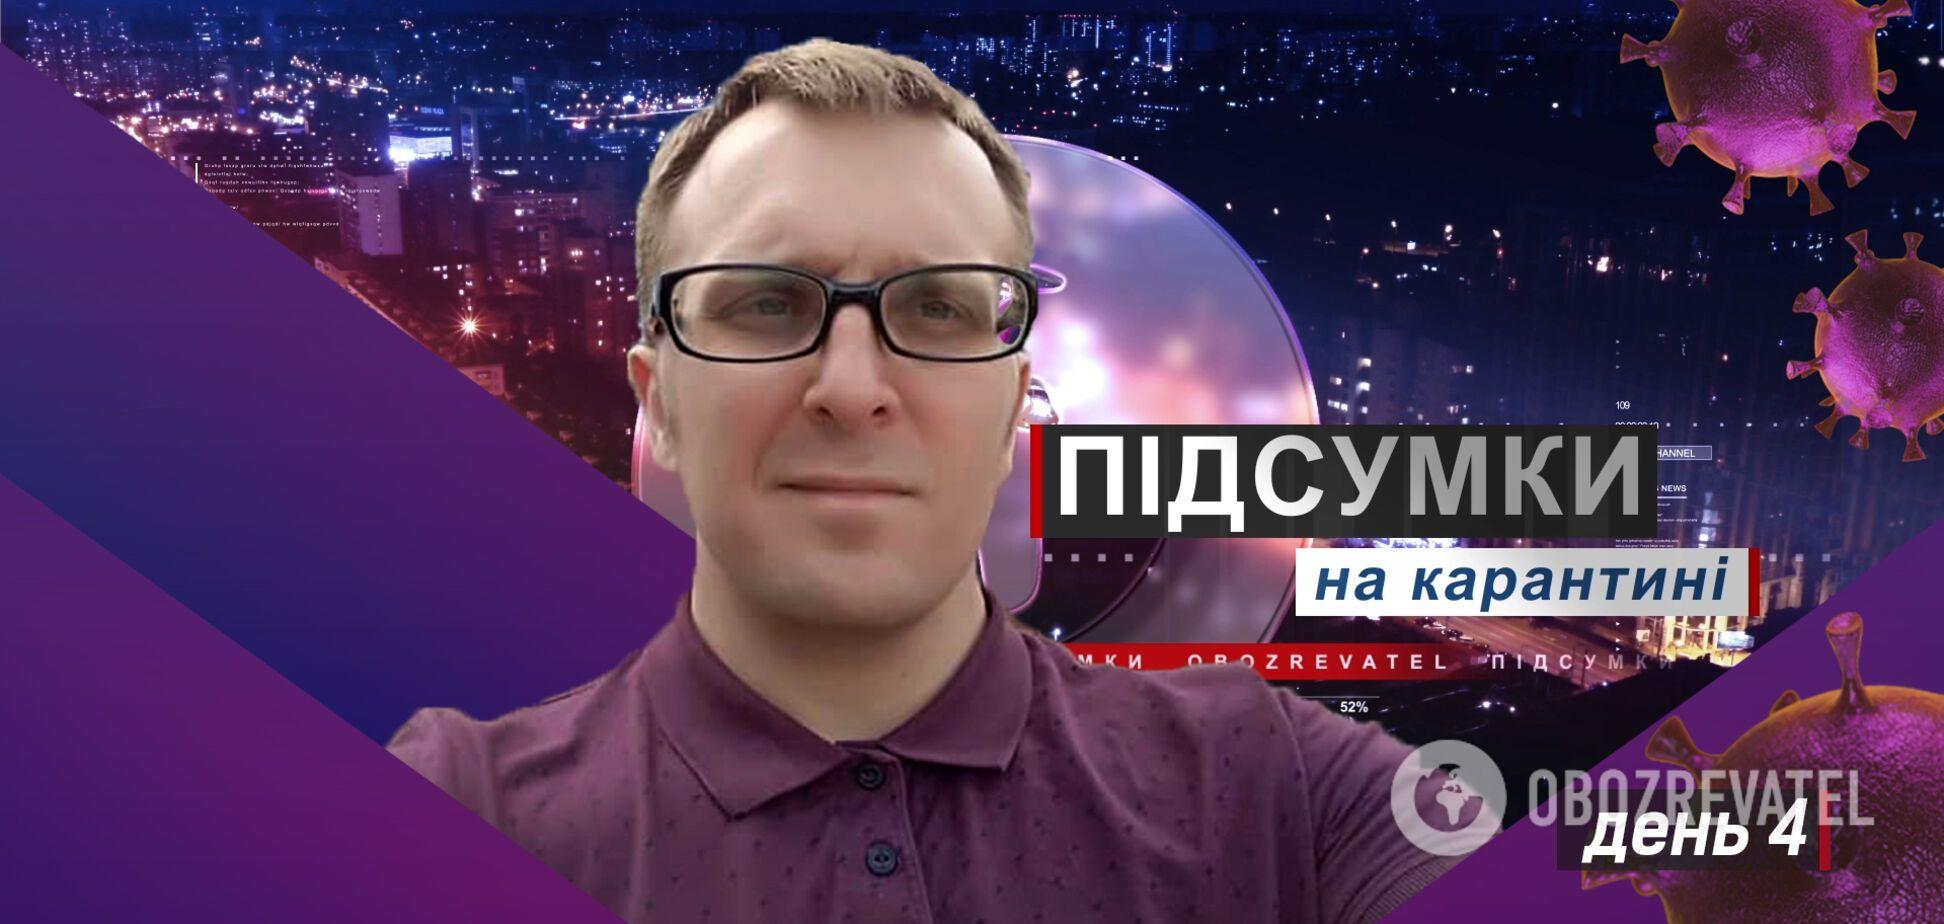 Вынужденный отпуск из-за карантина в Украине: комментарий юриста